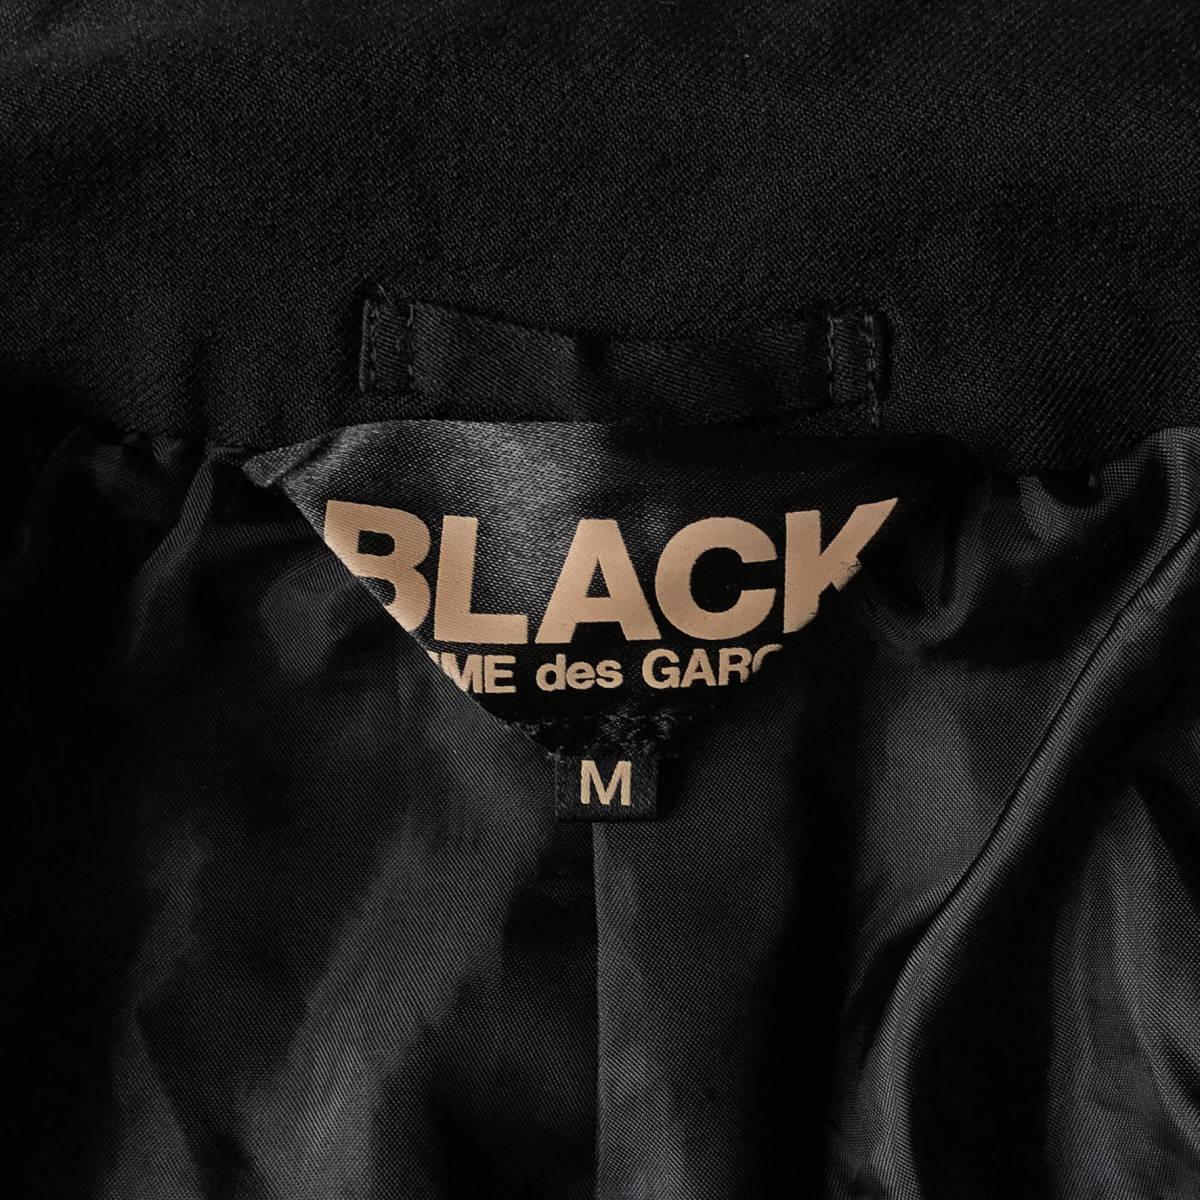 AD2009 BLACK COMME des GARCONS ブラックコムデギャルソン ポリ縮 ジャケット ブラック ポリエステル縮絨 黒 M ※セットアップPTも出品中_画像9